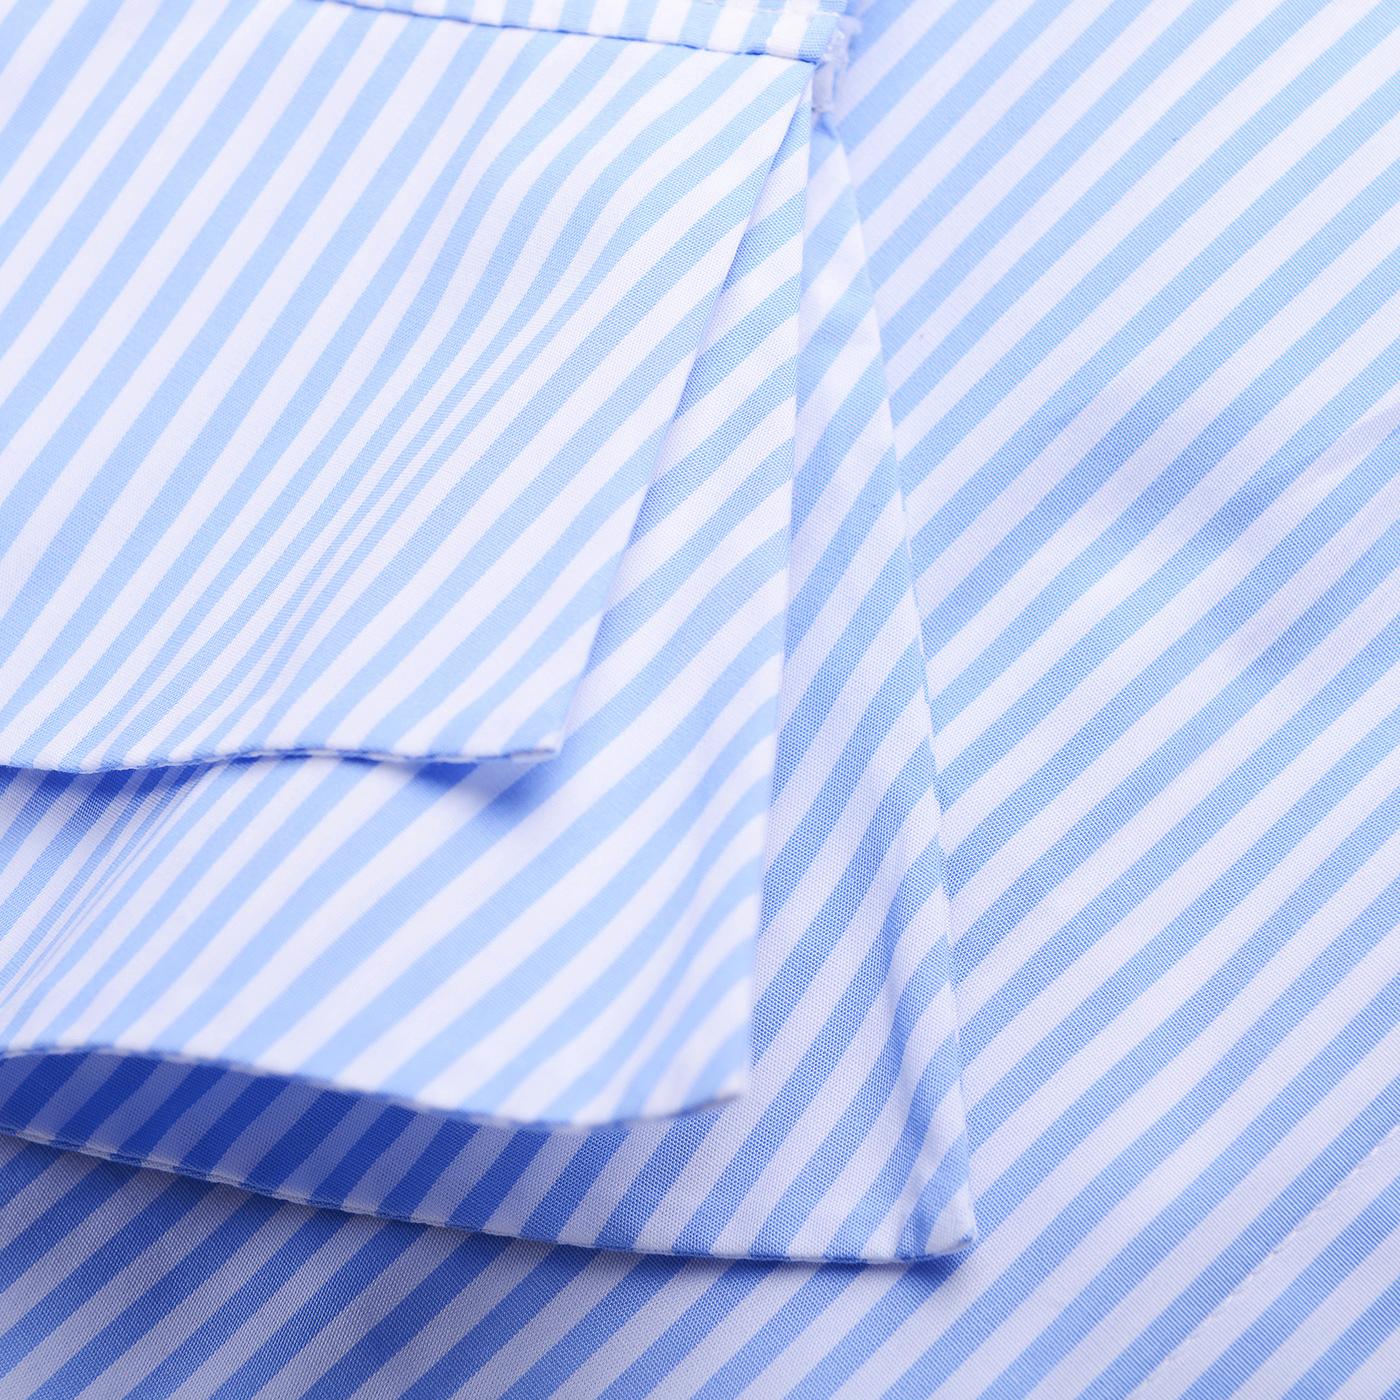 糖力春装新款欧美女装蓝白条纹露肩收腰连衣裙不规则显瘦裙子